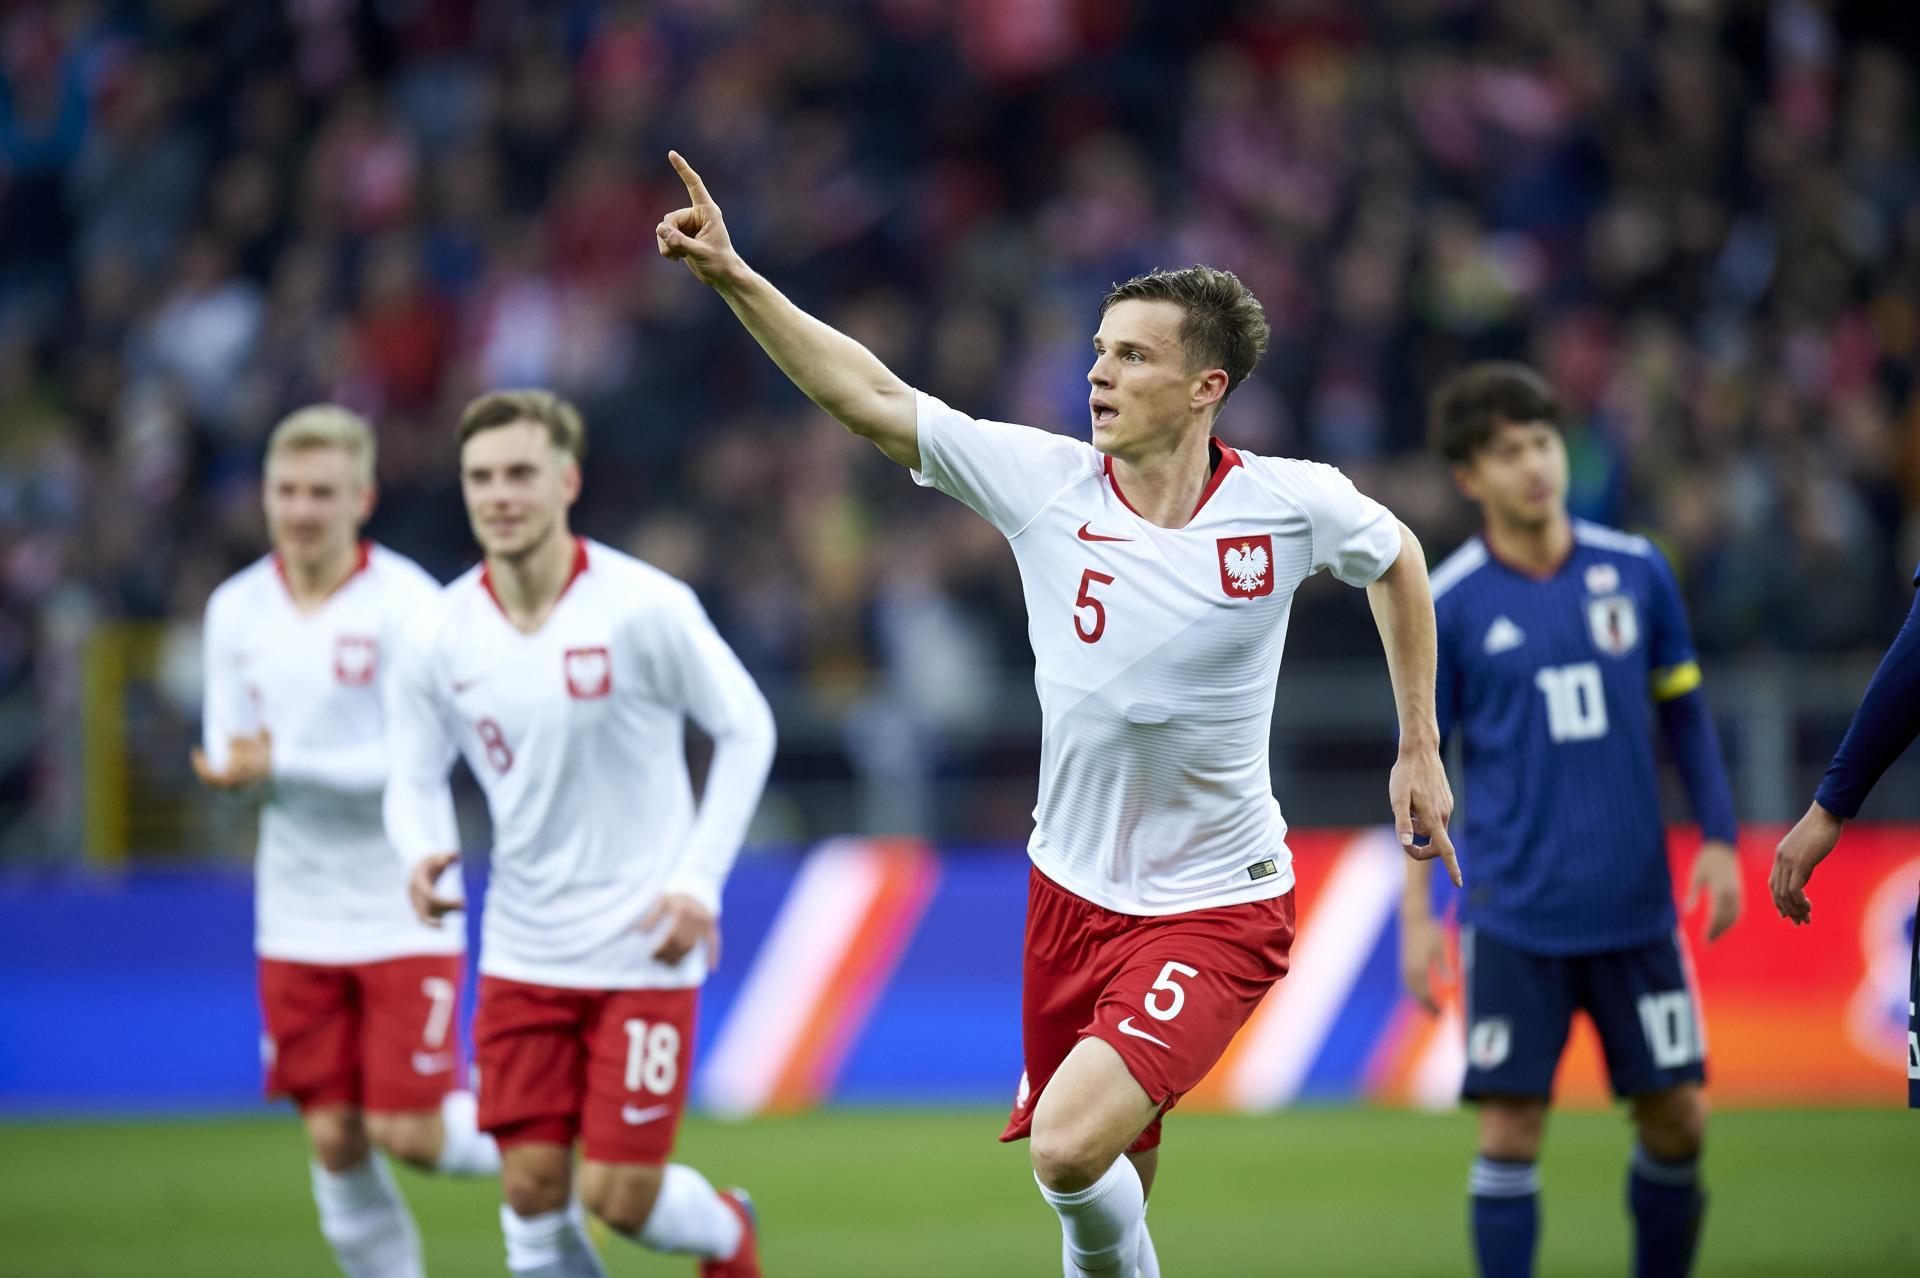 Serafin Szota podczas meczu Polska - Japonia 4:1 U-20 (21.03.2019).